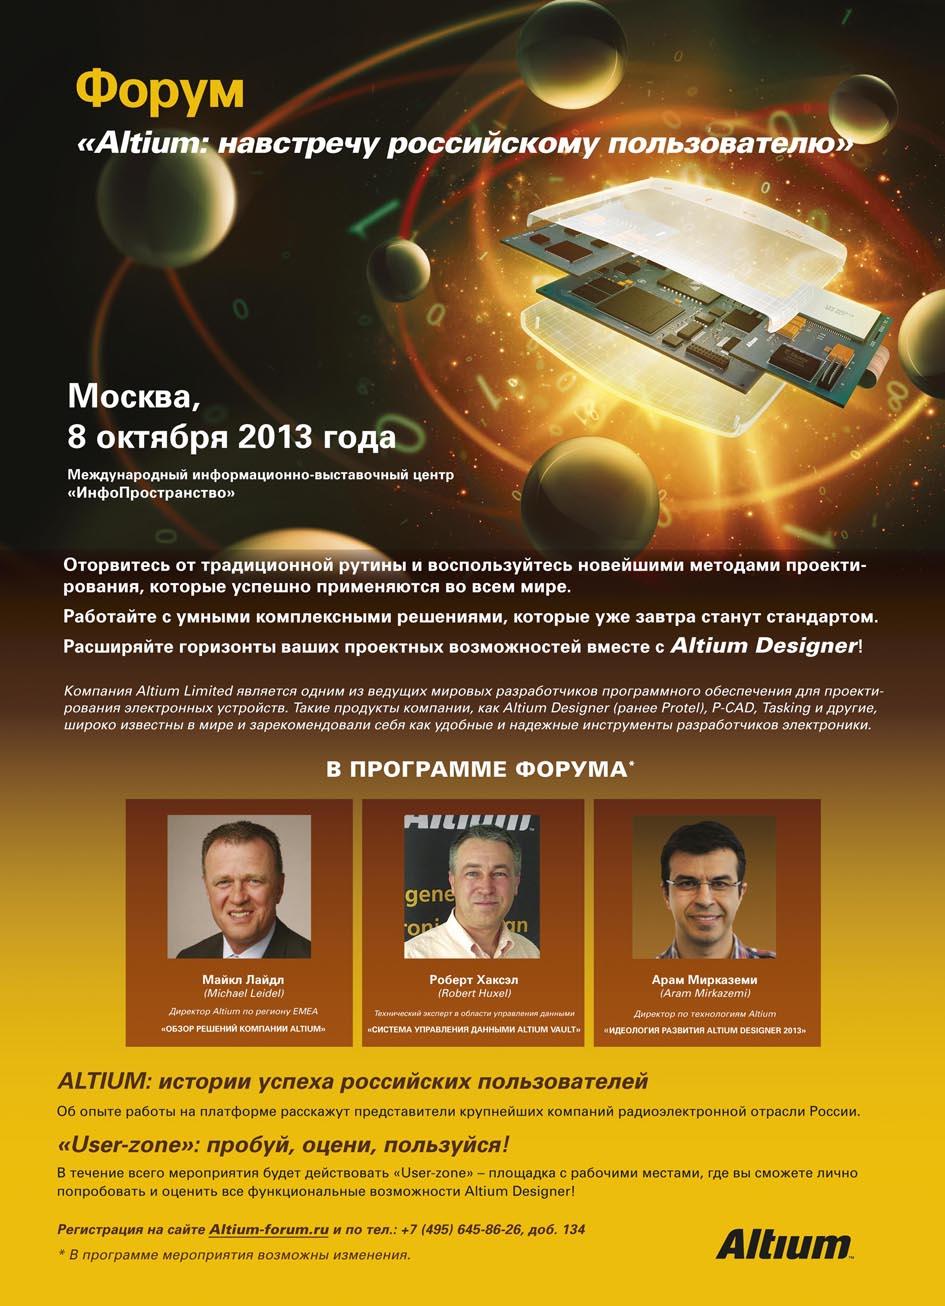 Форум «Altium: навстречу российскому пользователю». Присоединяйтесь!